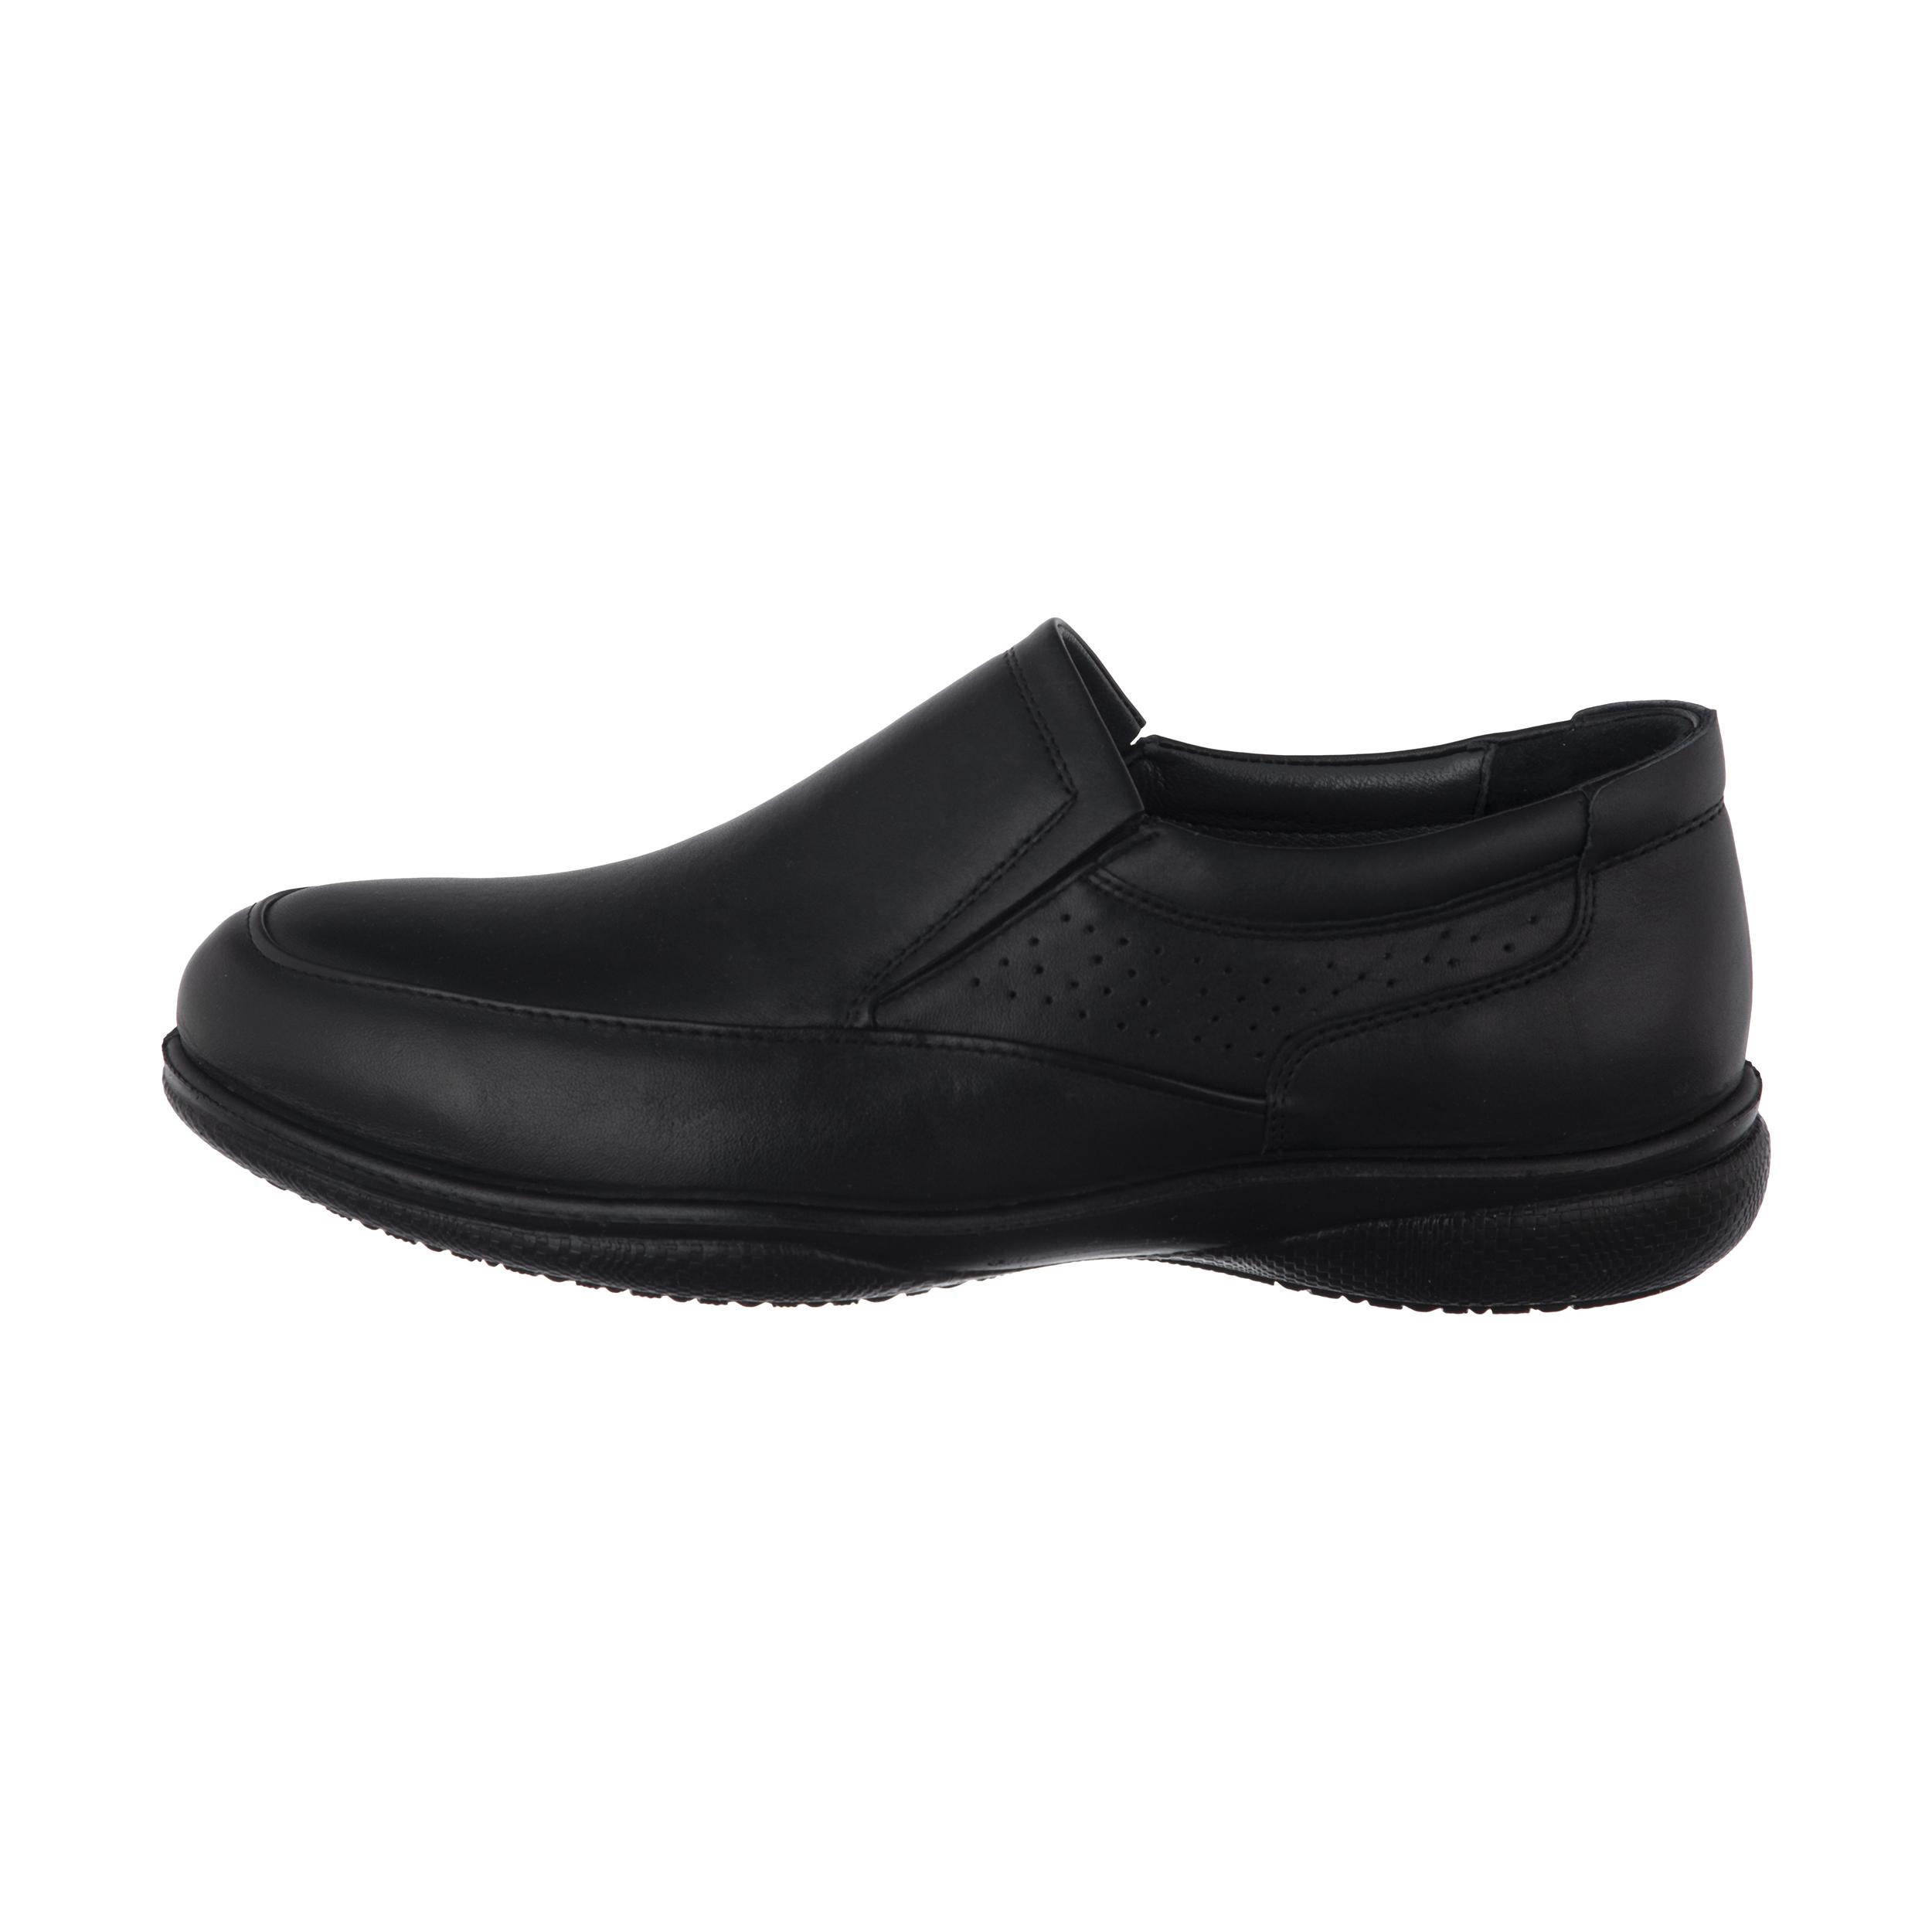 کفش روزمره مردانه ملی مدل کاویان کد 14199846